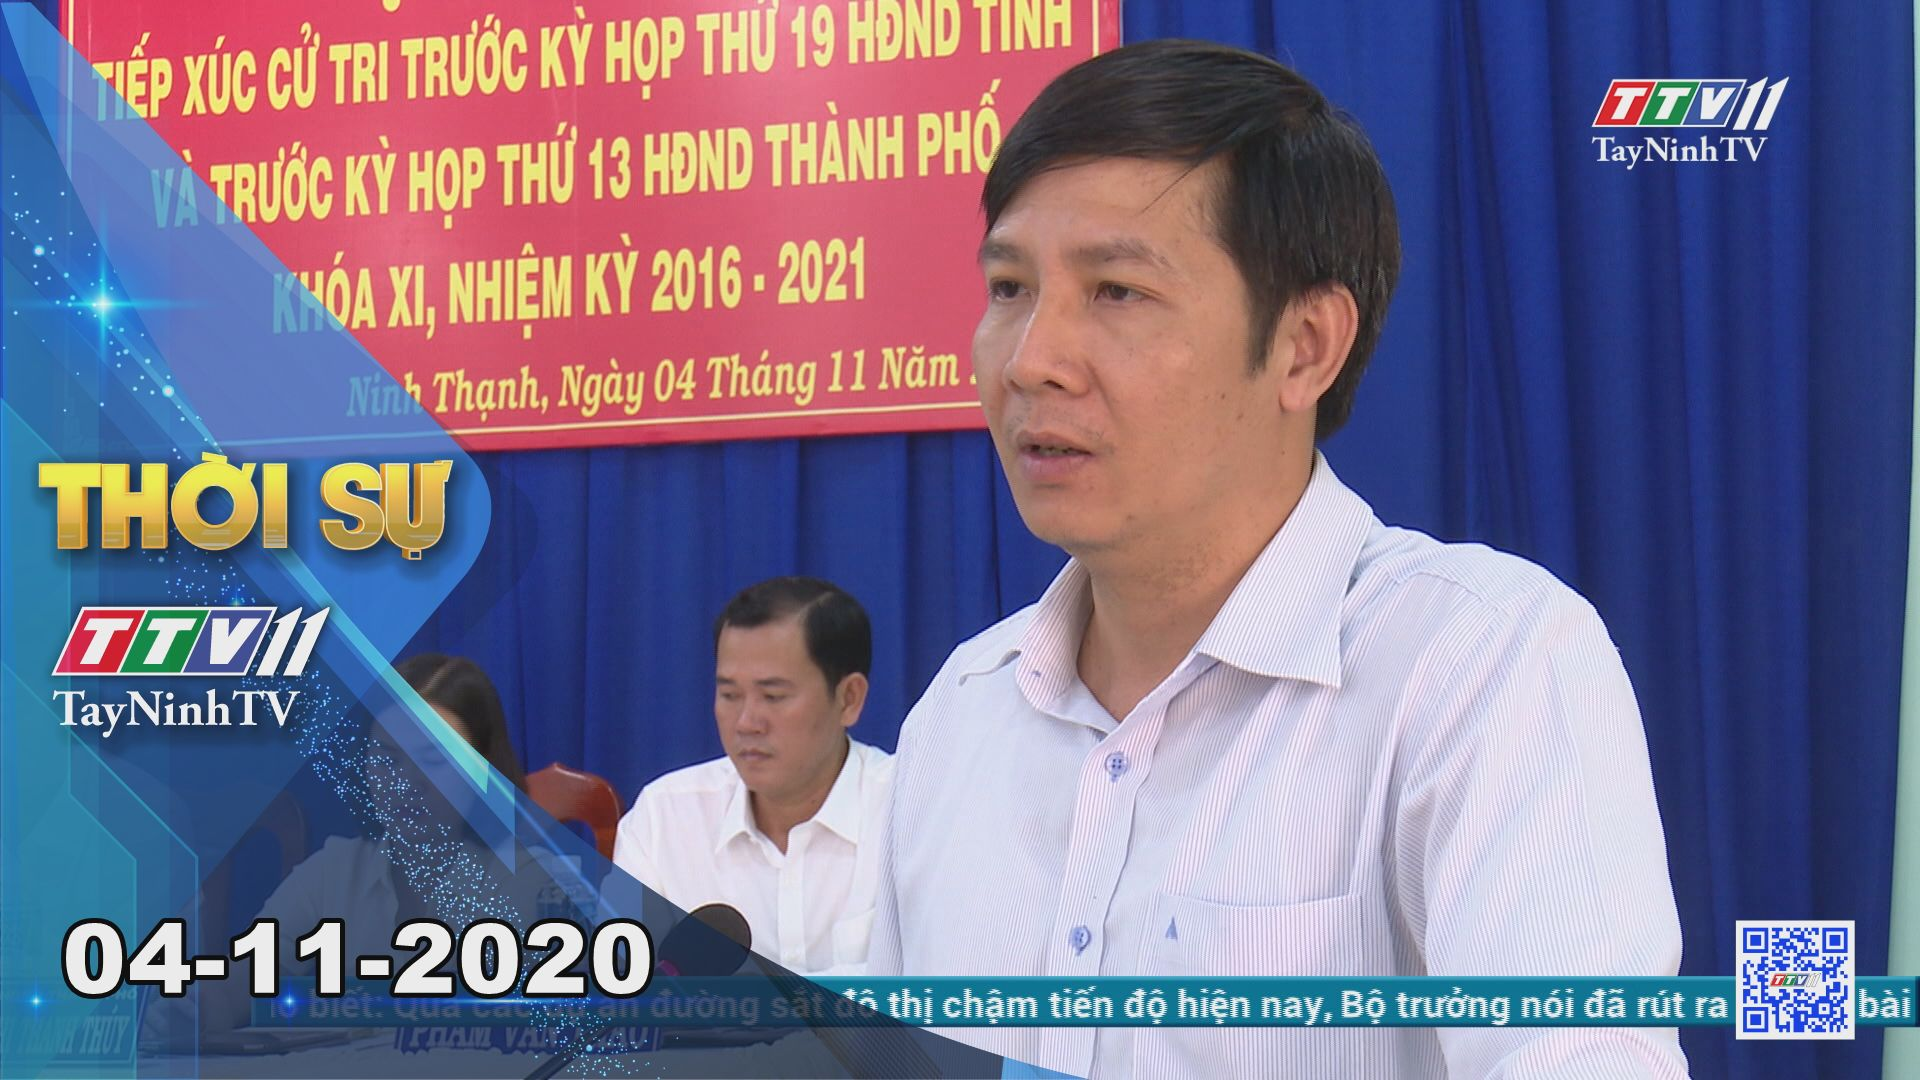 Thời sự Tây Ninh 04-11-2020   Tin tức hôm nay   TayNinhTV